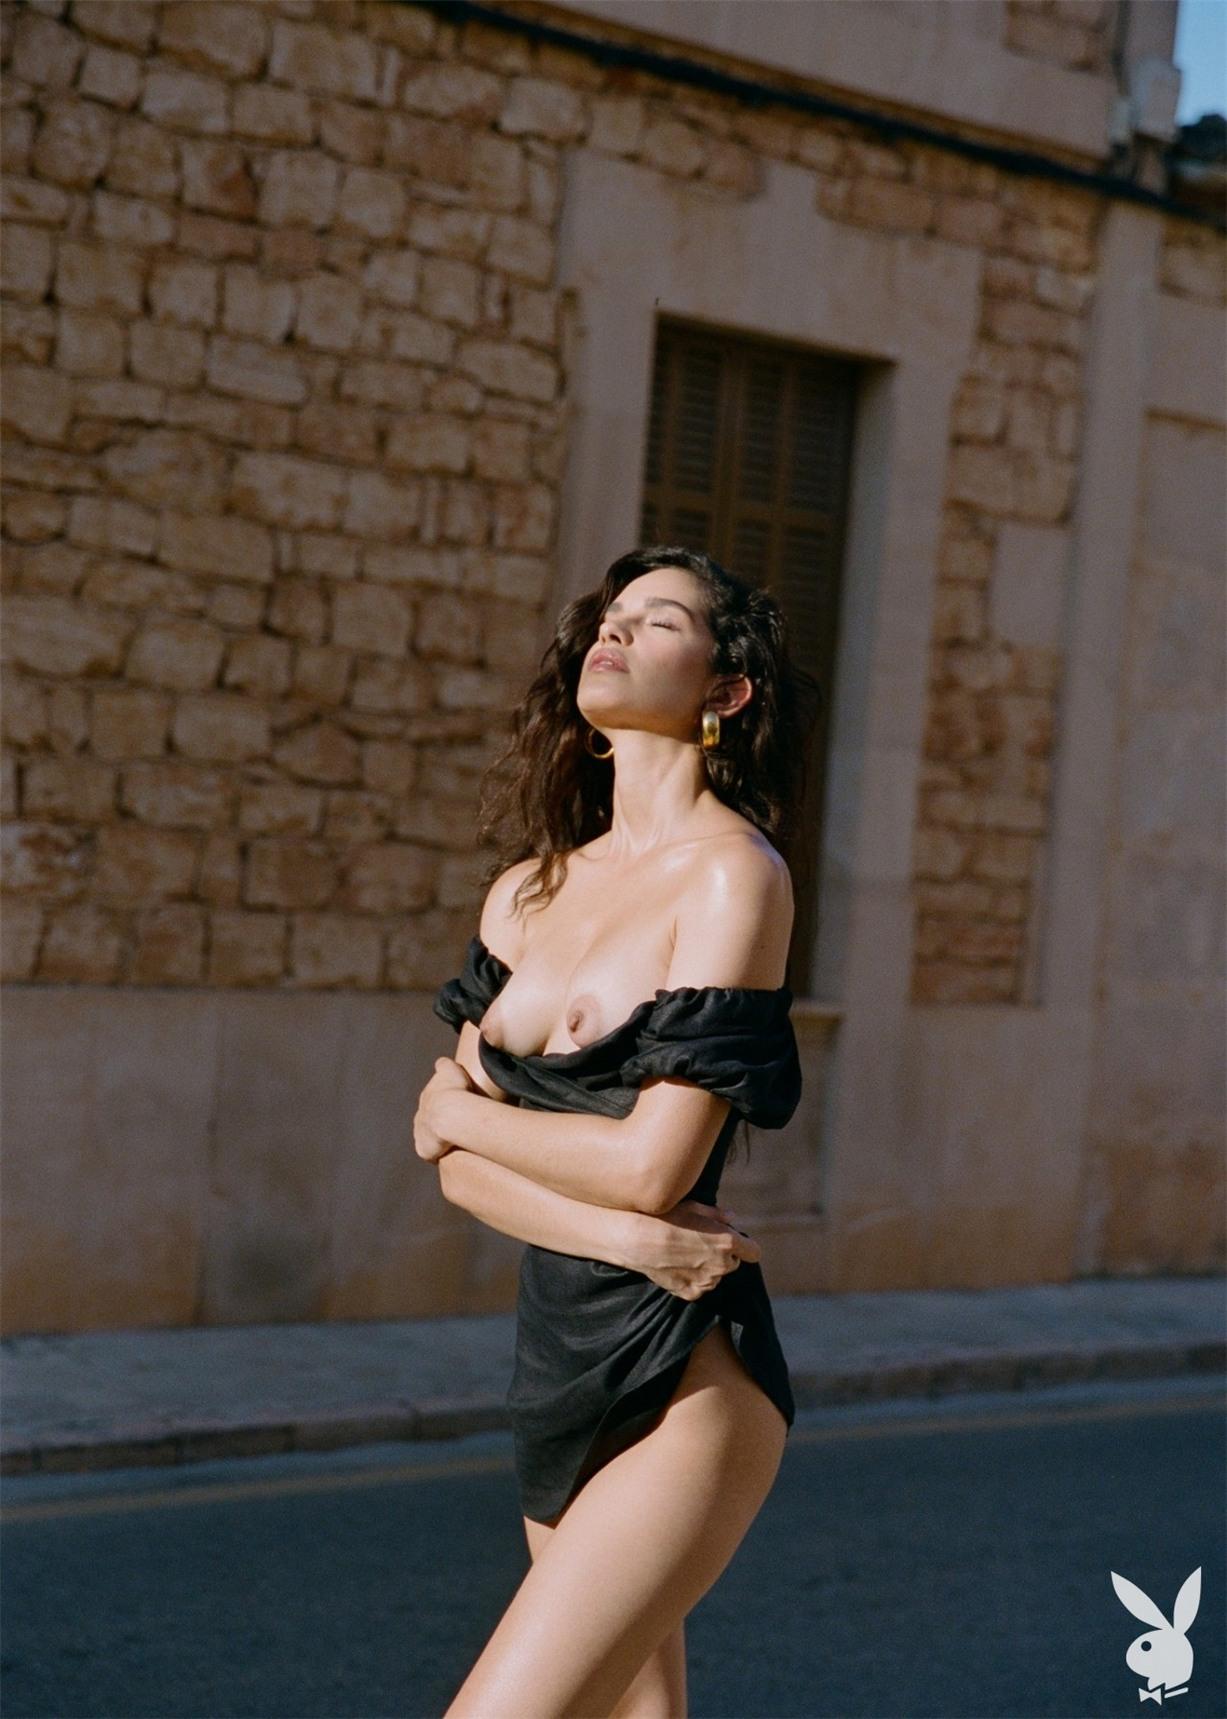 Путешествие по Европе сексуальной Хильды Диас Пиментель - Девушки месяца американского Плейбой, октябрь 2019 / фото 34